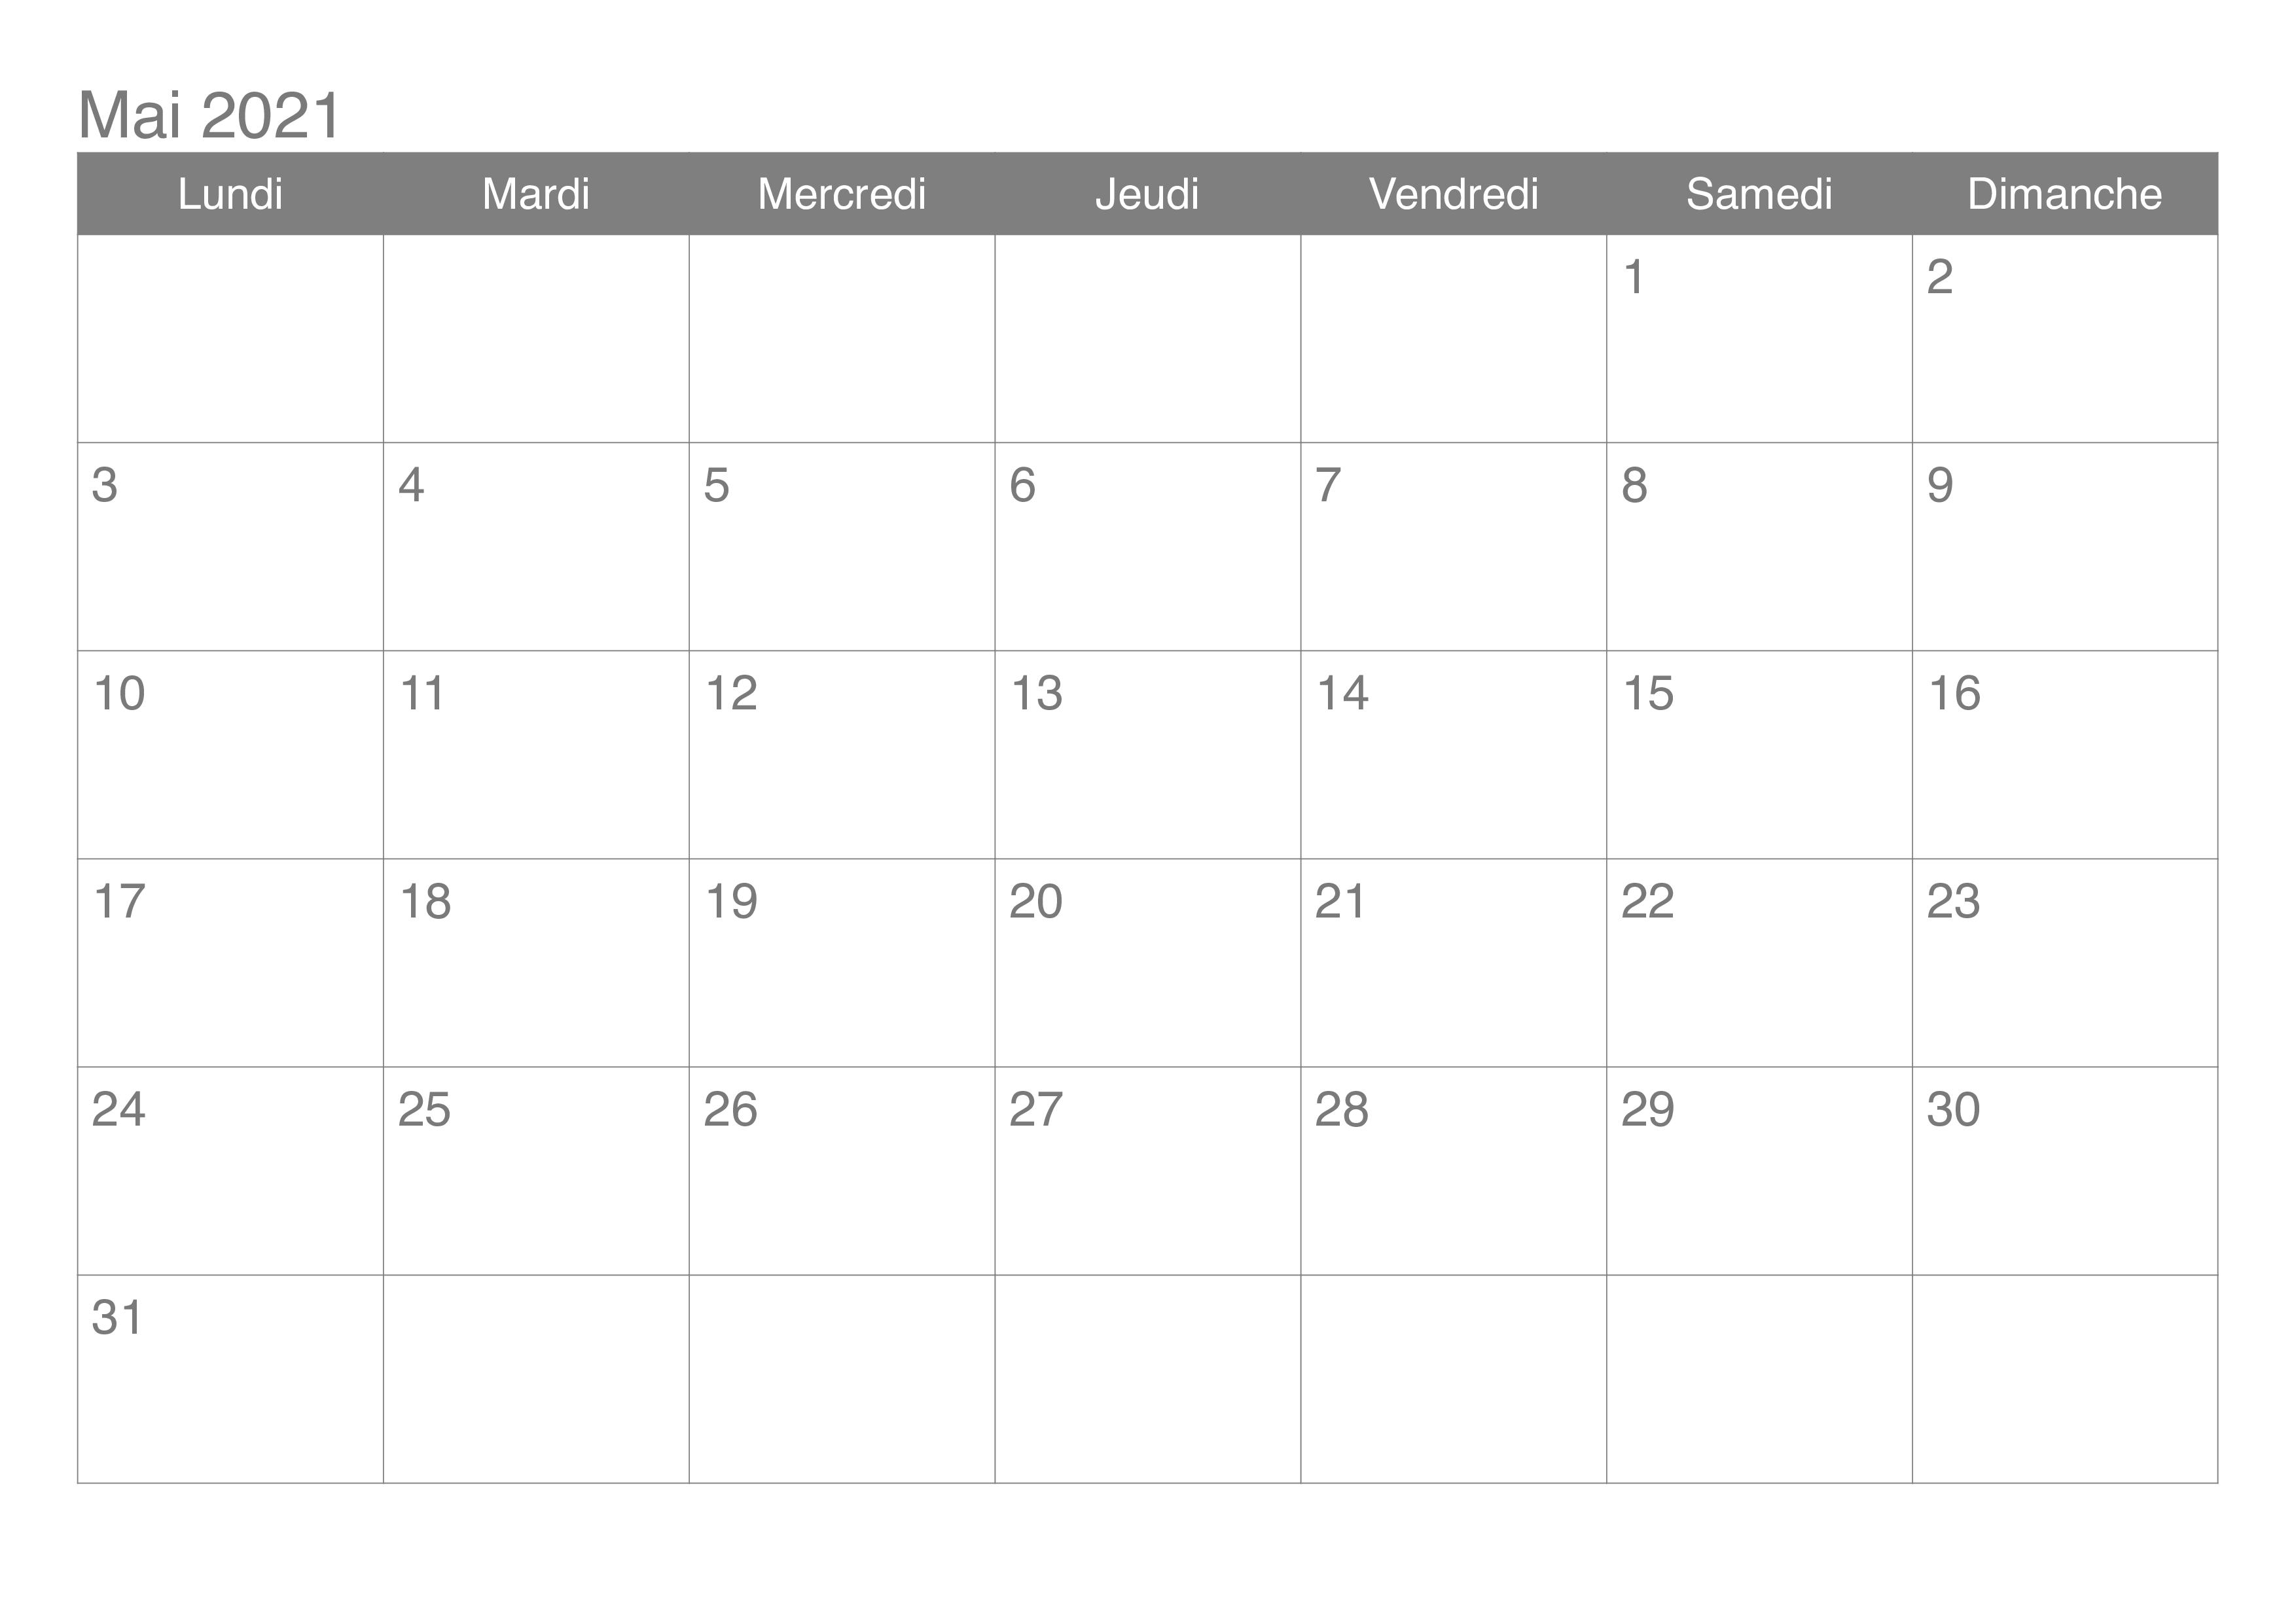 Calendrier Lunaire Notre Temps 2021 Calendrier Mai 2021 Modèles Imprimables [PDF,Word,Excel] | The